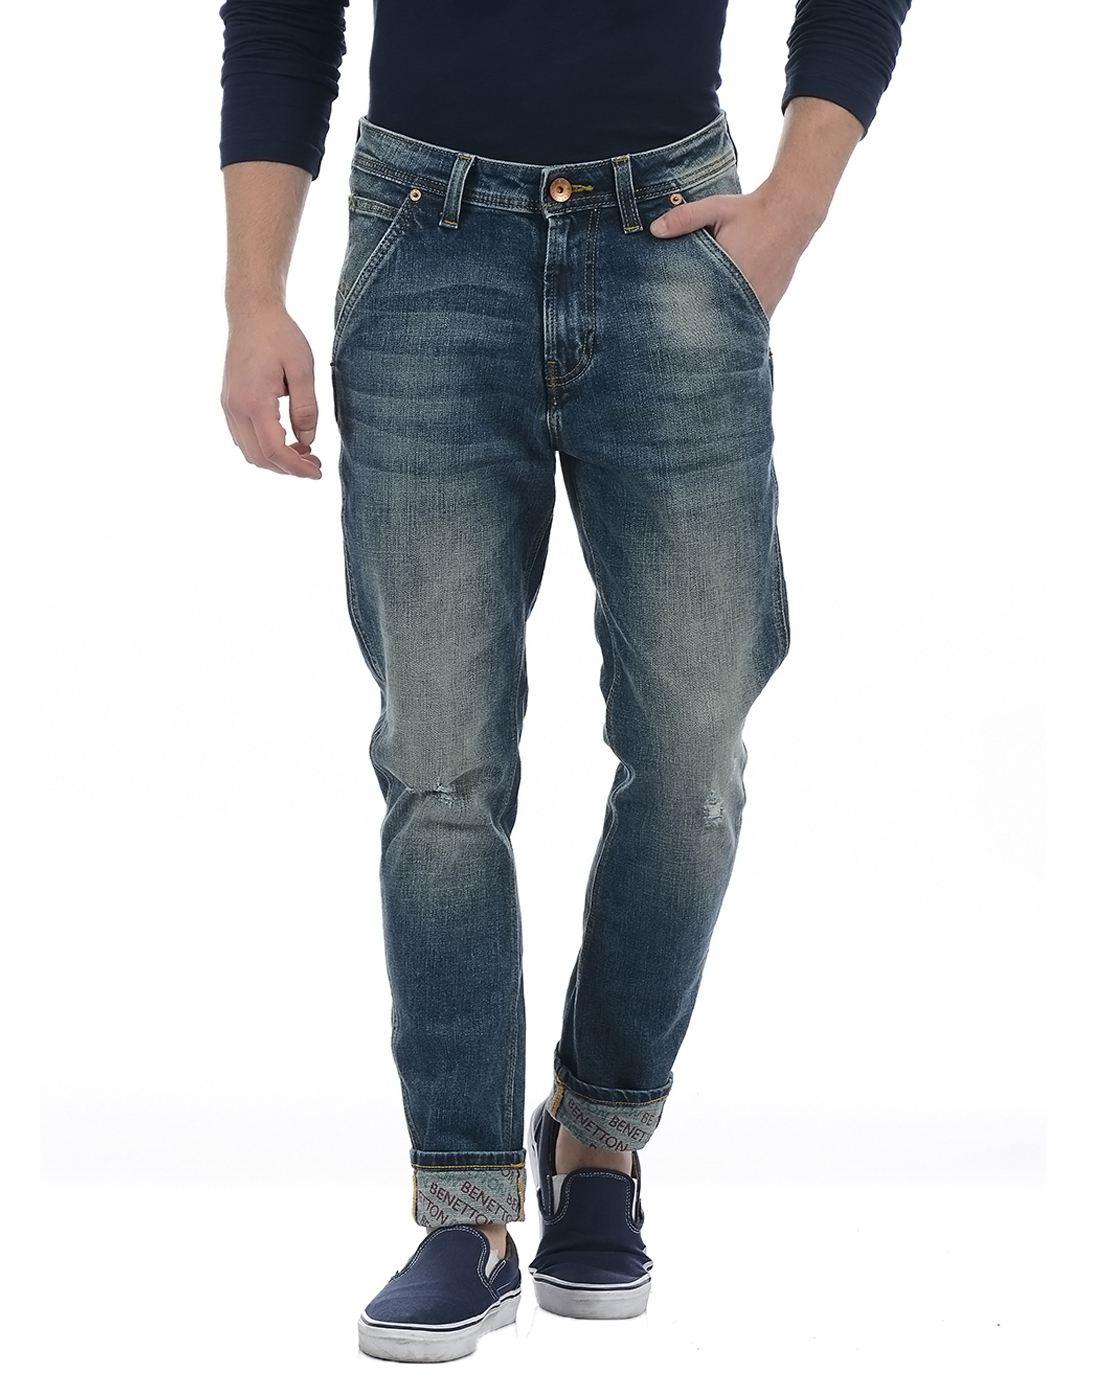 United Colors of Benetton Men's Blue Mild Distress Jeans